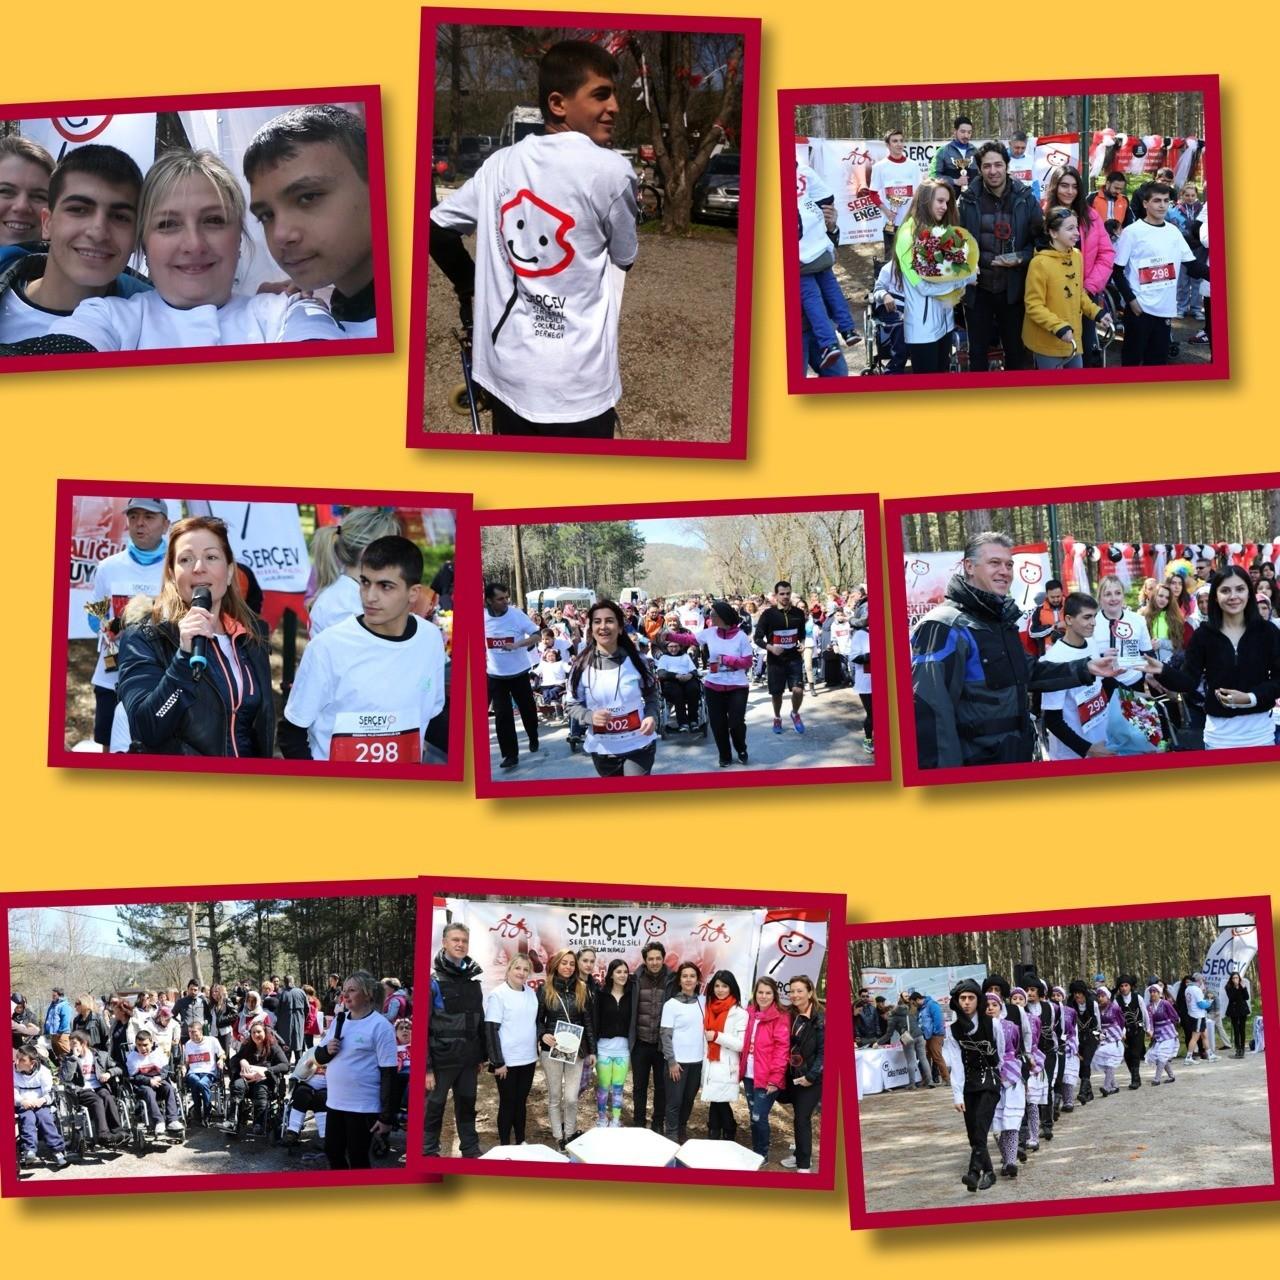 SERÇEV ENGELSİZ YARINLARA KOŞTU... Sanatçı Mert Fırat İstanbul'dan gelerek serebral palsi farkındalığı için çocuklarla birlikte koştu.